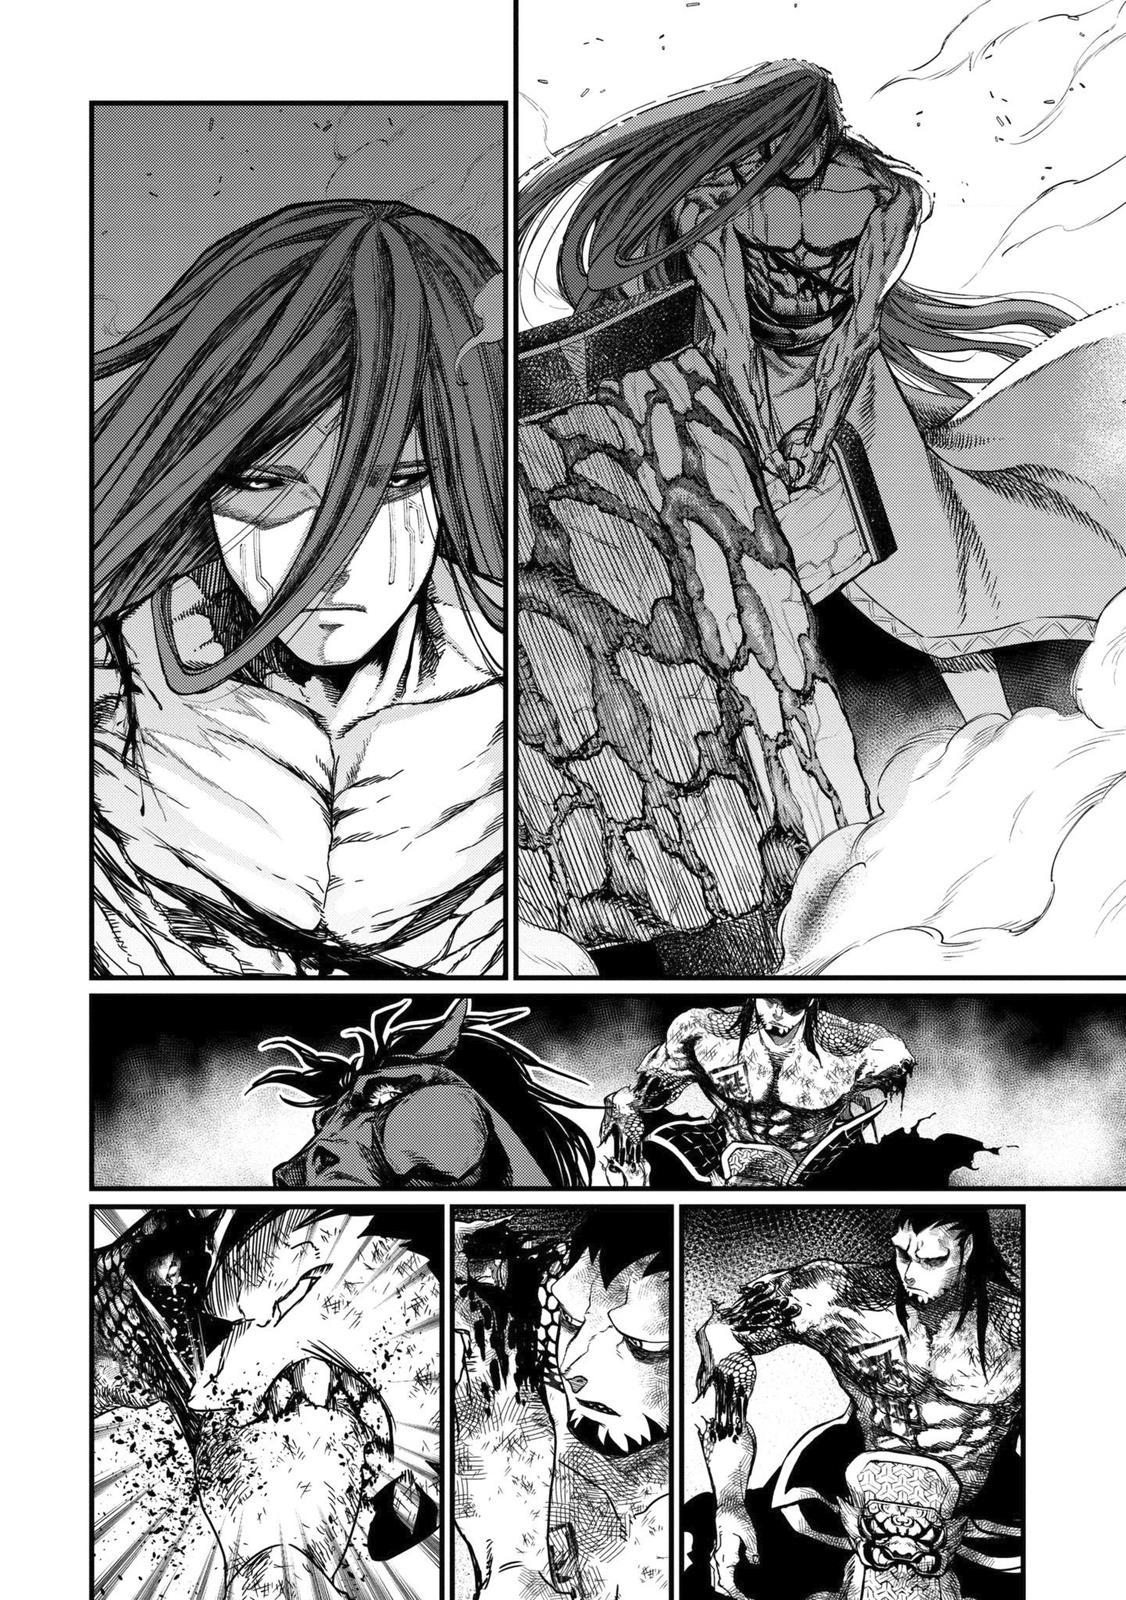 Shuumatsu no Valkyrie, Chapter 6 image 025